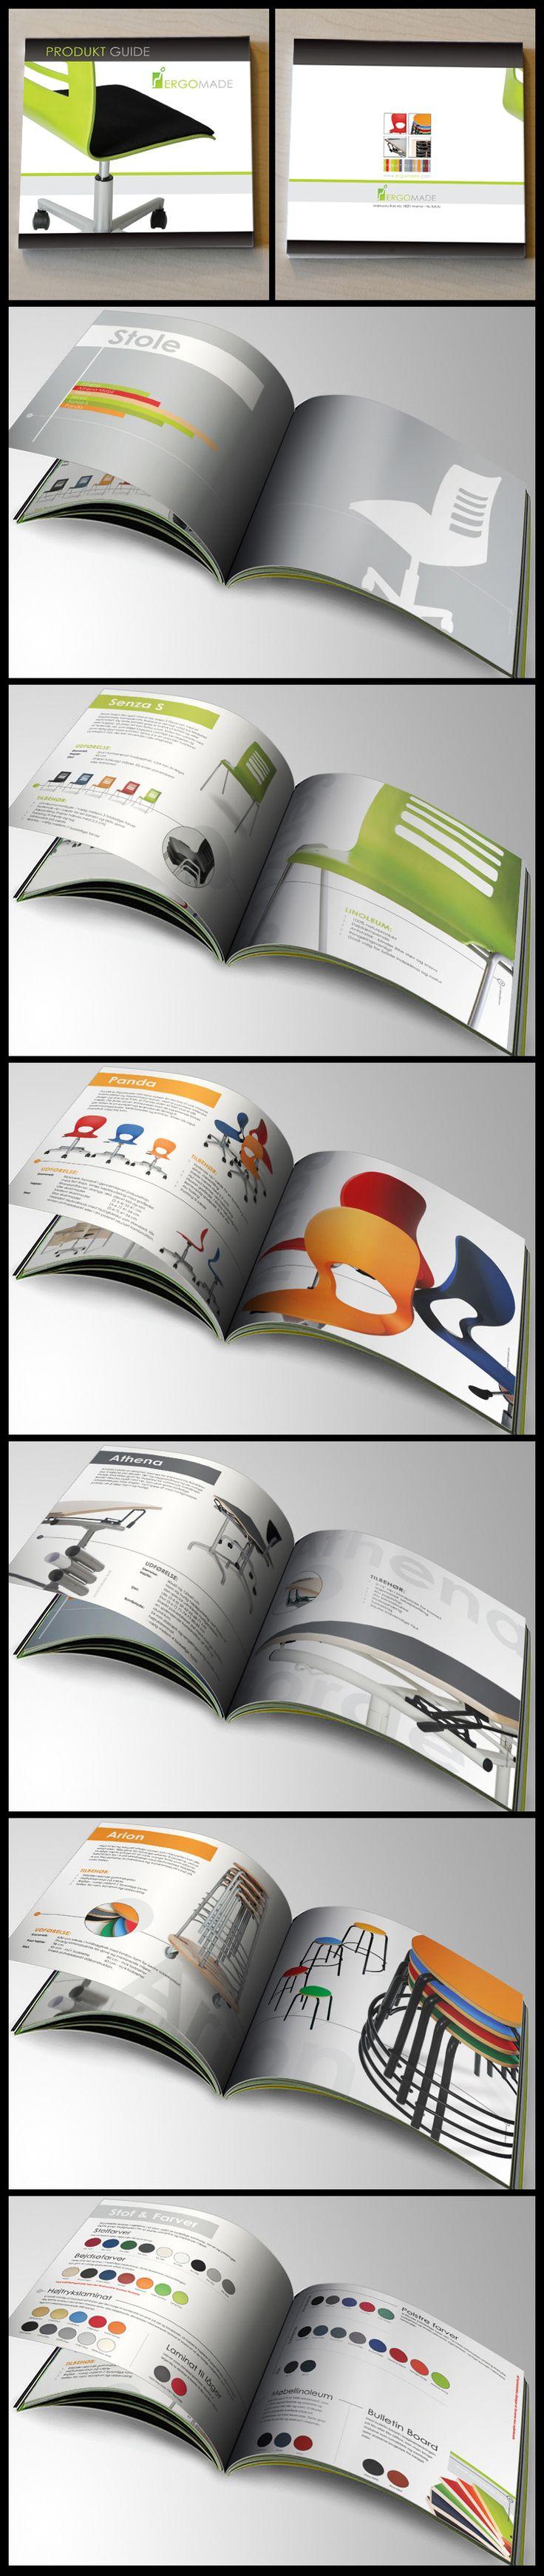 Catalog design and prepress for Danish furniture company by Shindiri Studio